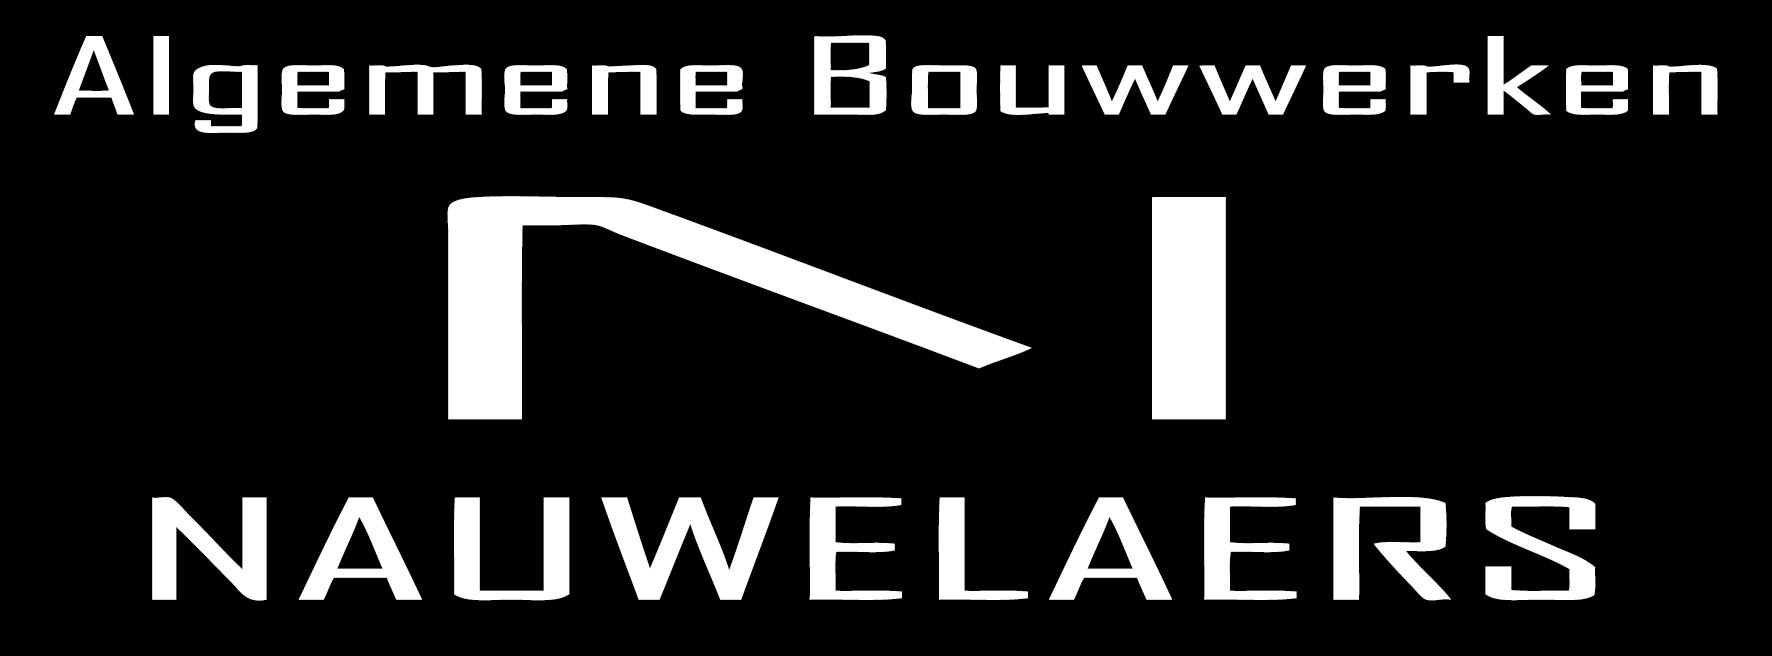 Algemene bouwwerken Nauwelaers